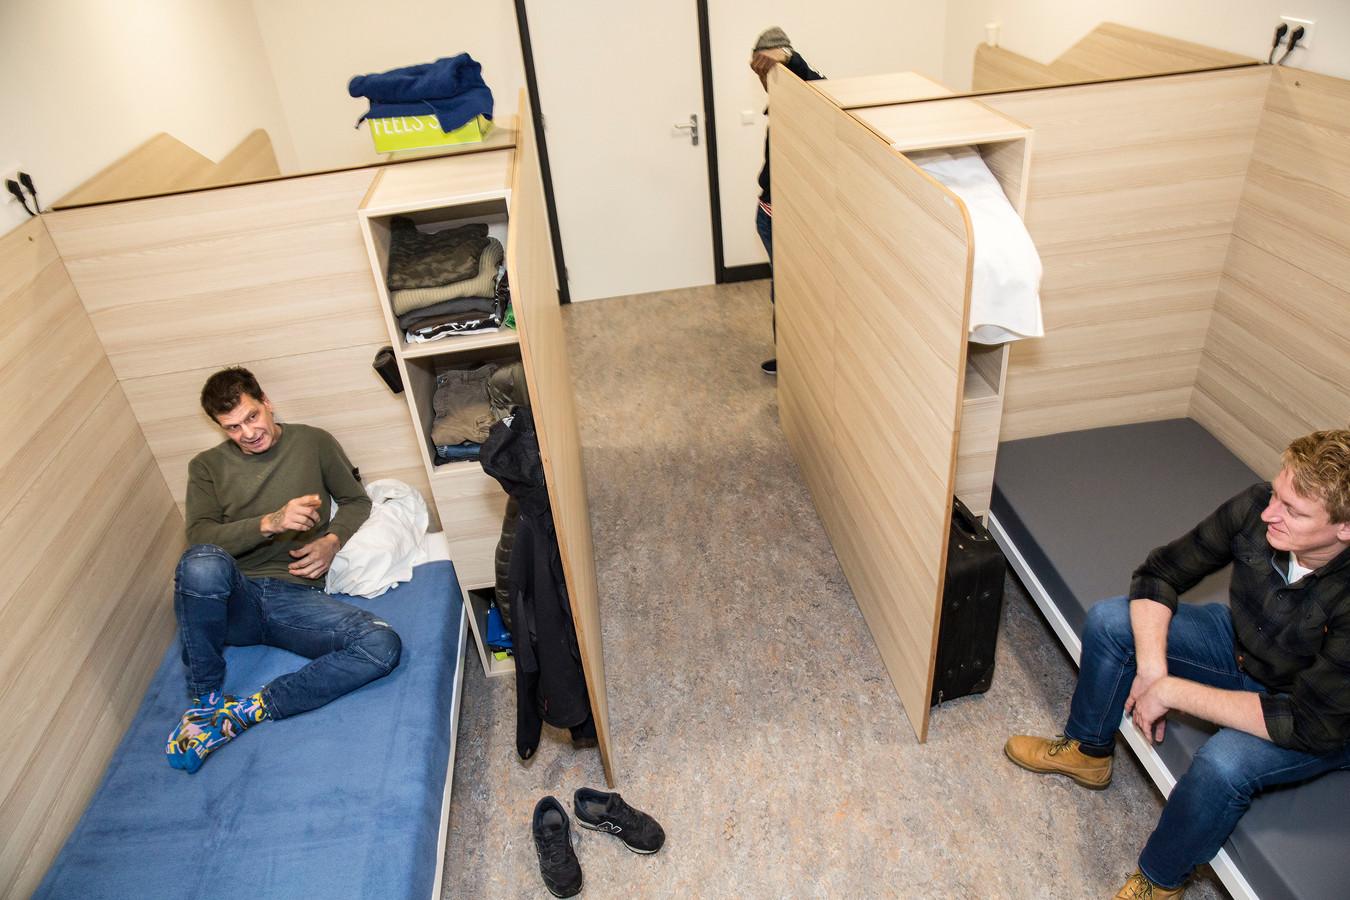 In de nachtopvang aan de Bredestraat in het Rotterdamse centrum zijn de kamers kleiner, maar elders liggen daklozen nog op slaapzalen.